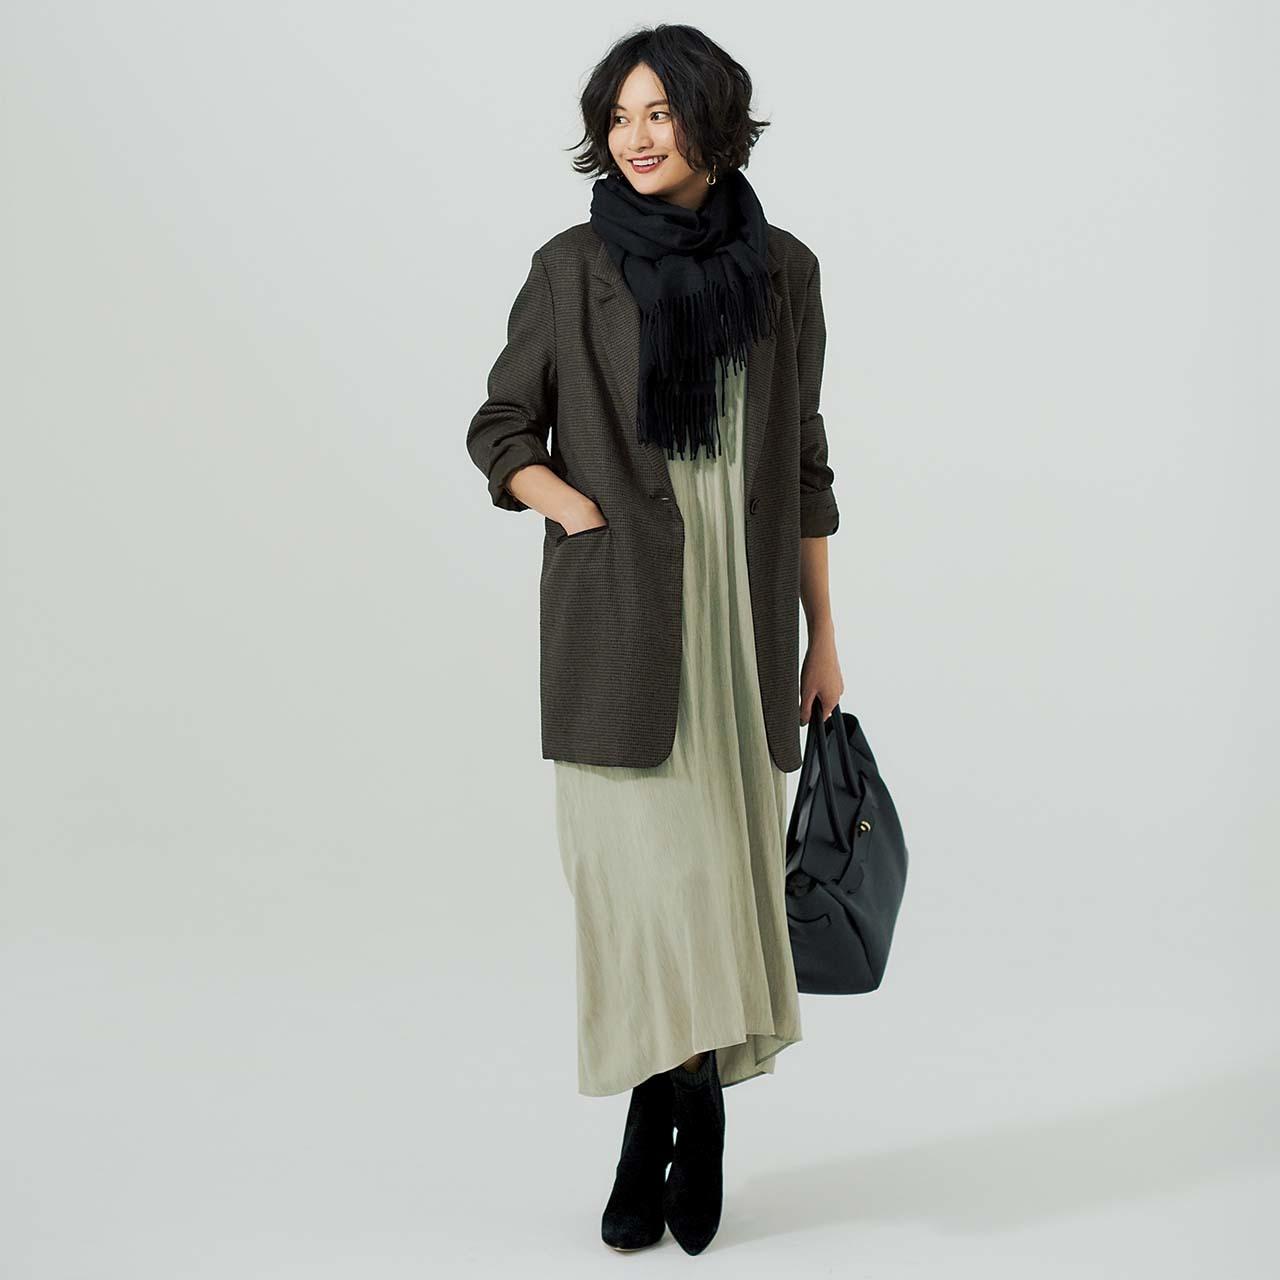 チェックのジャケット&とろみワンピースのファッションコーデ